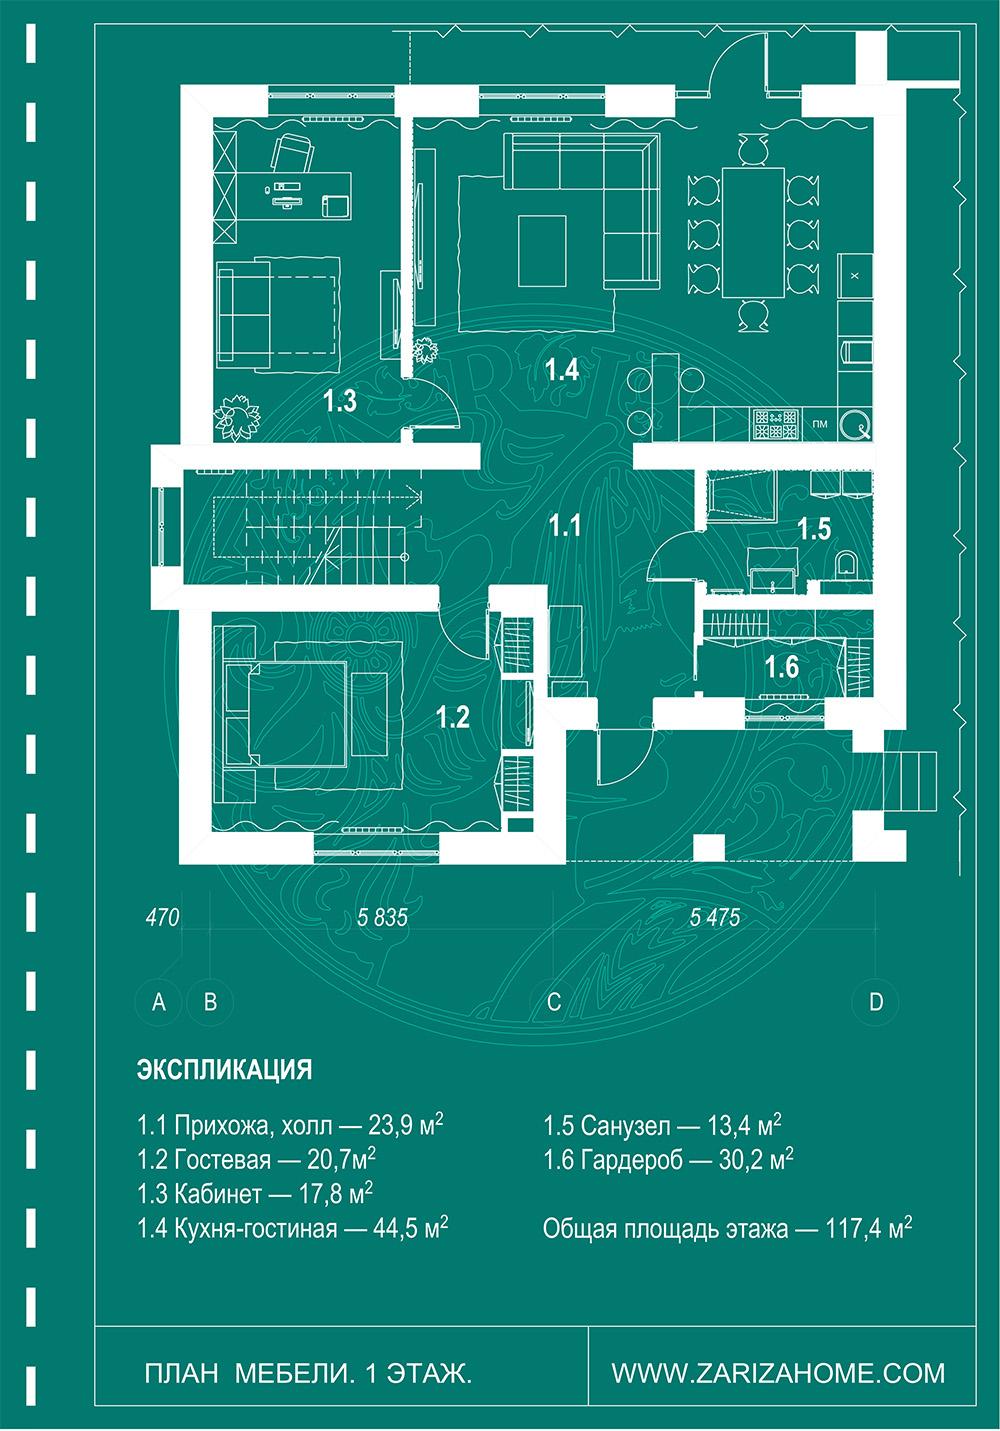 план мебели и оборудования 1 этажа